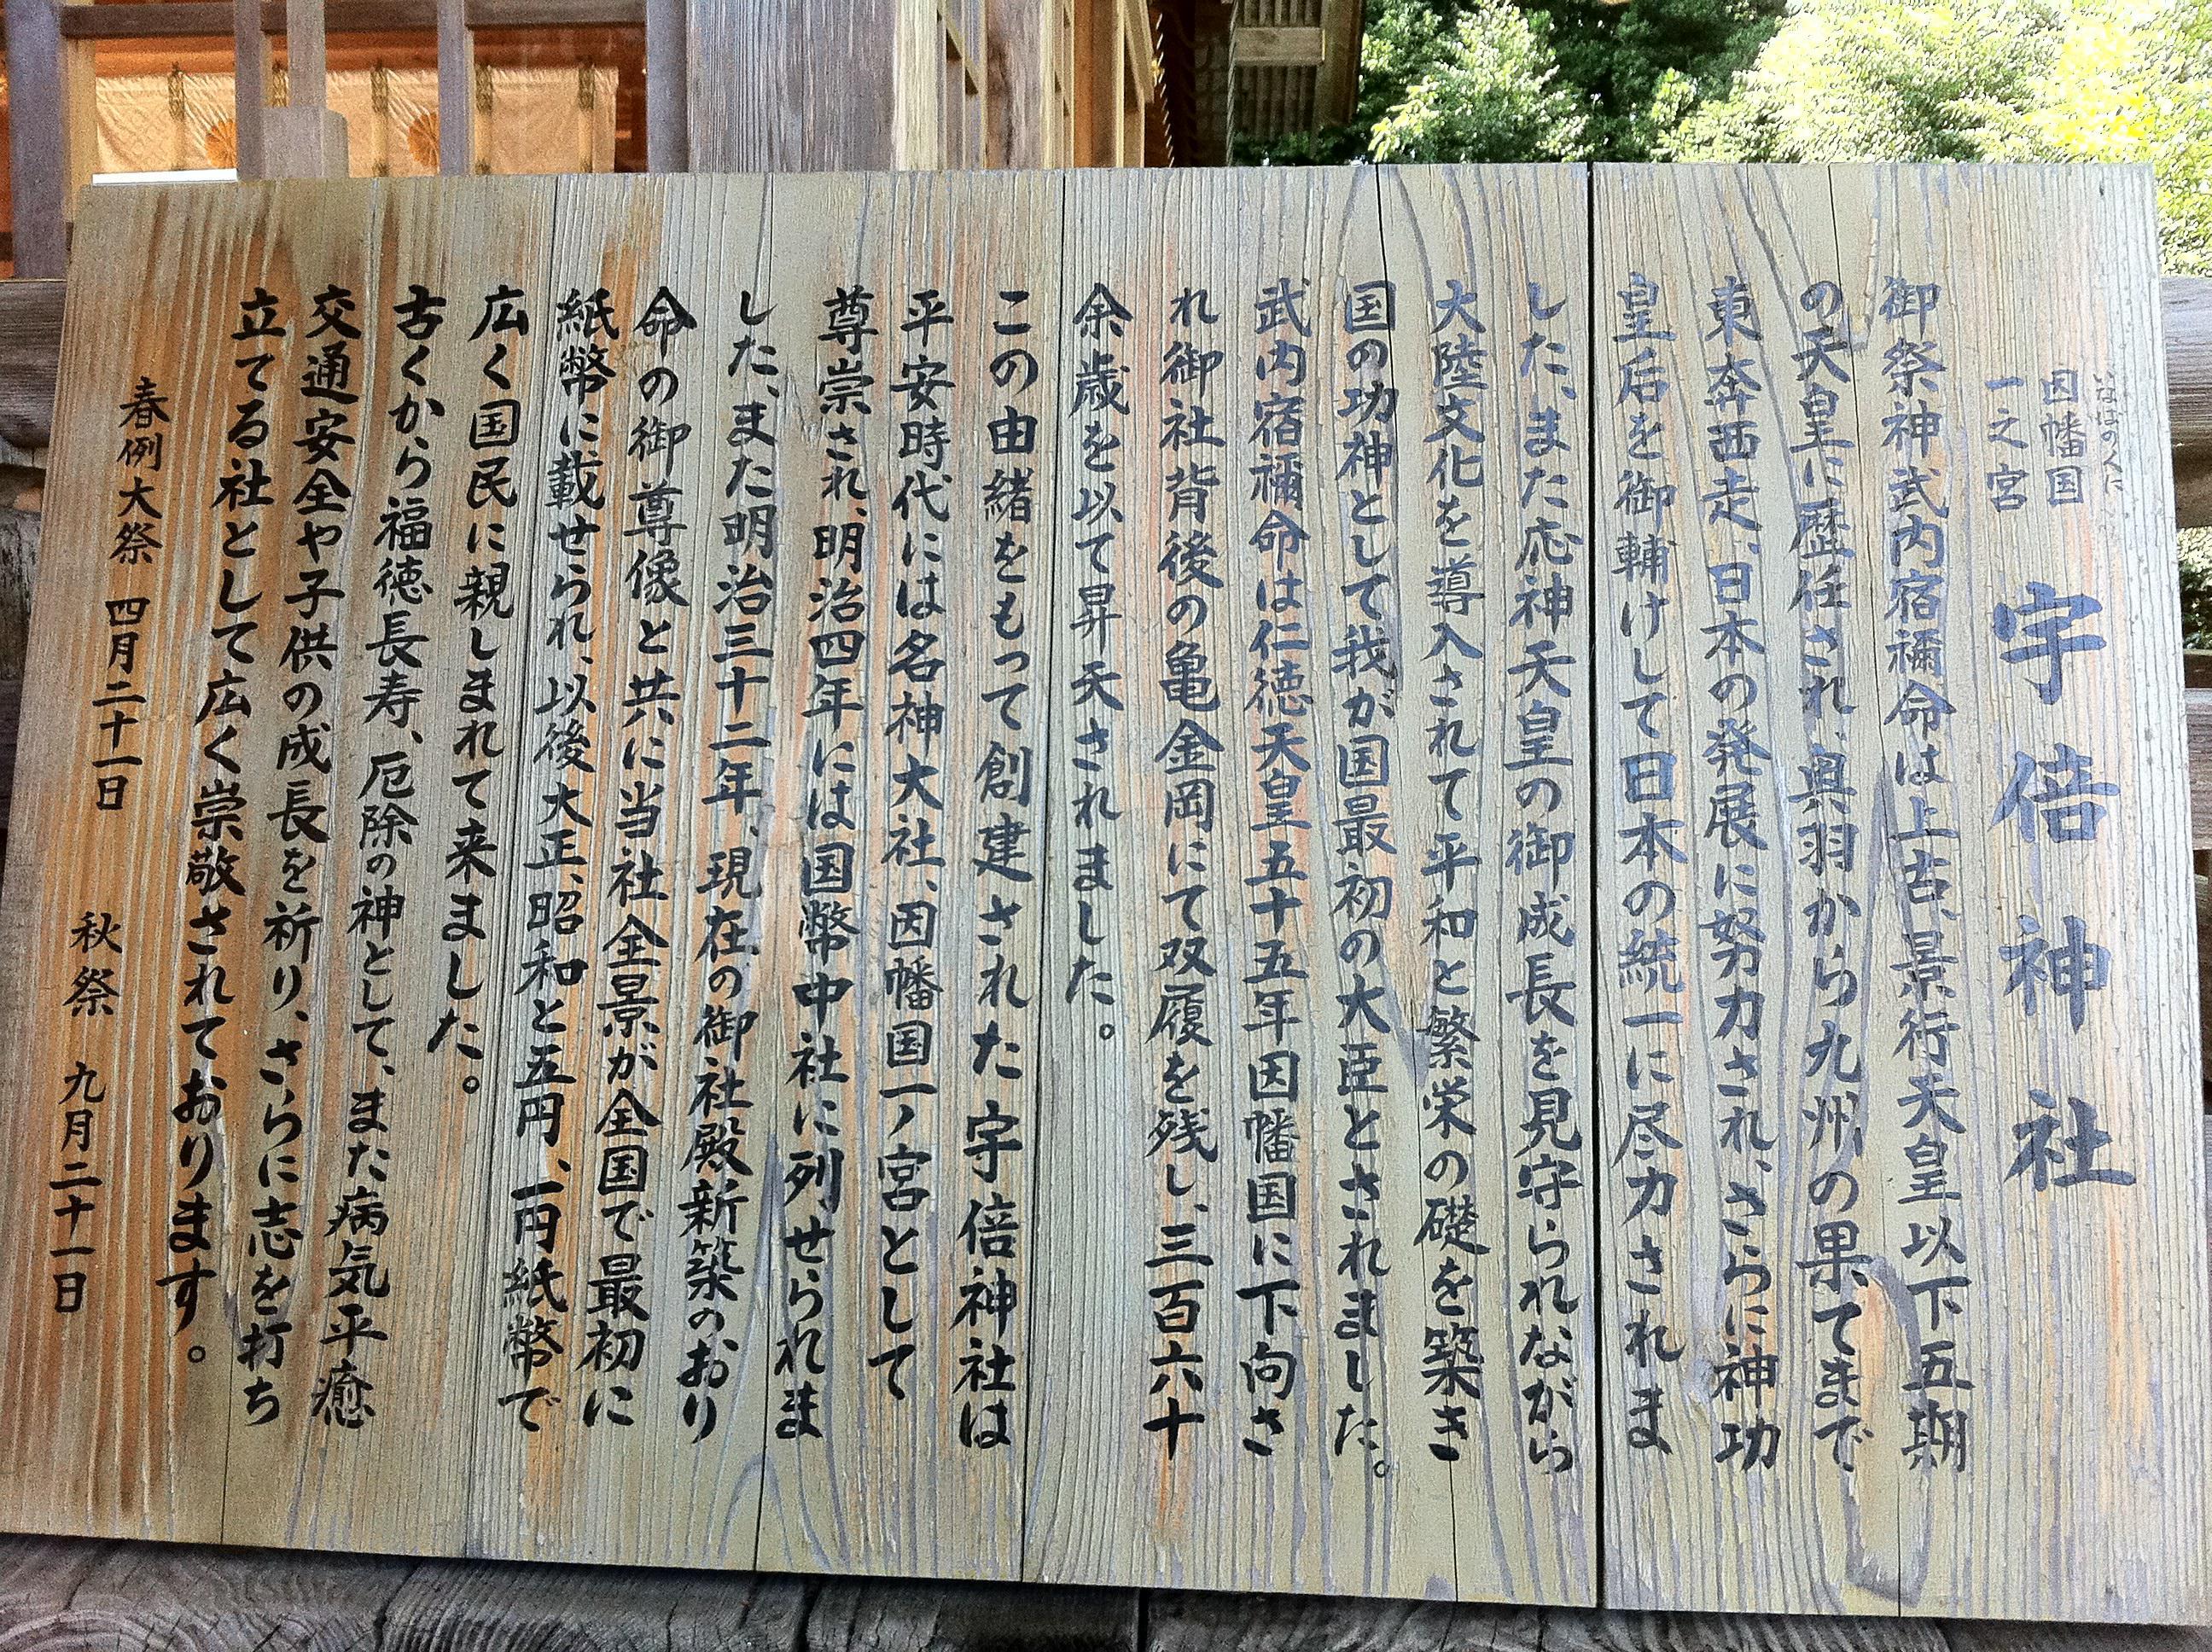 宇倍神社の歴史